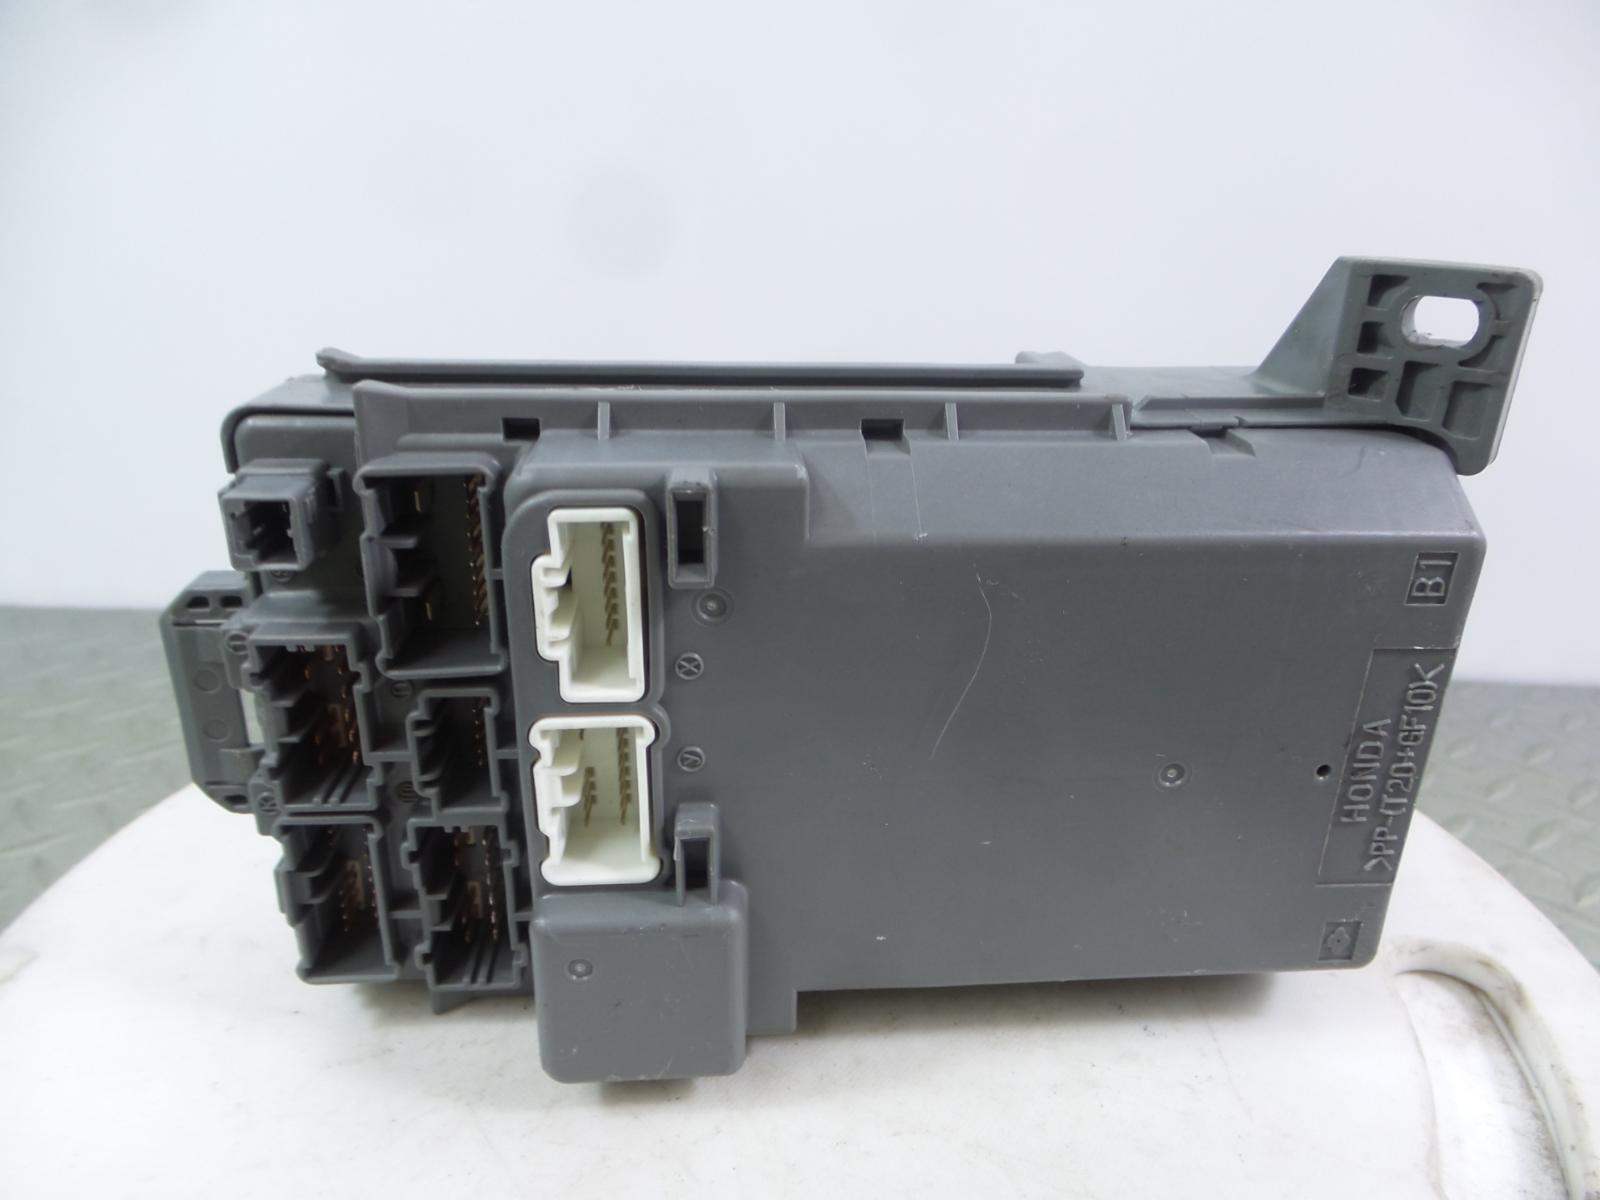 2004 HONDA CIVIC 1.5 Petrol ECU + BSI Kit Lock Set 37820-PLC-J54 183 | eBay